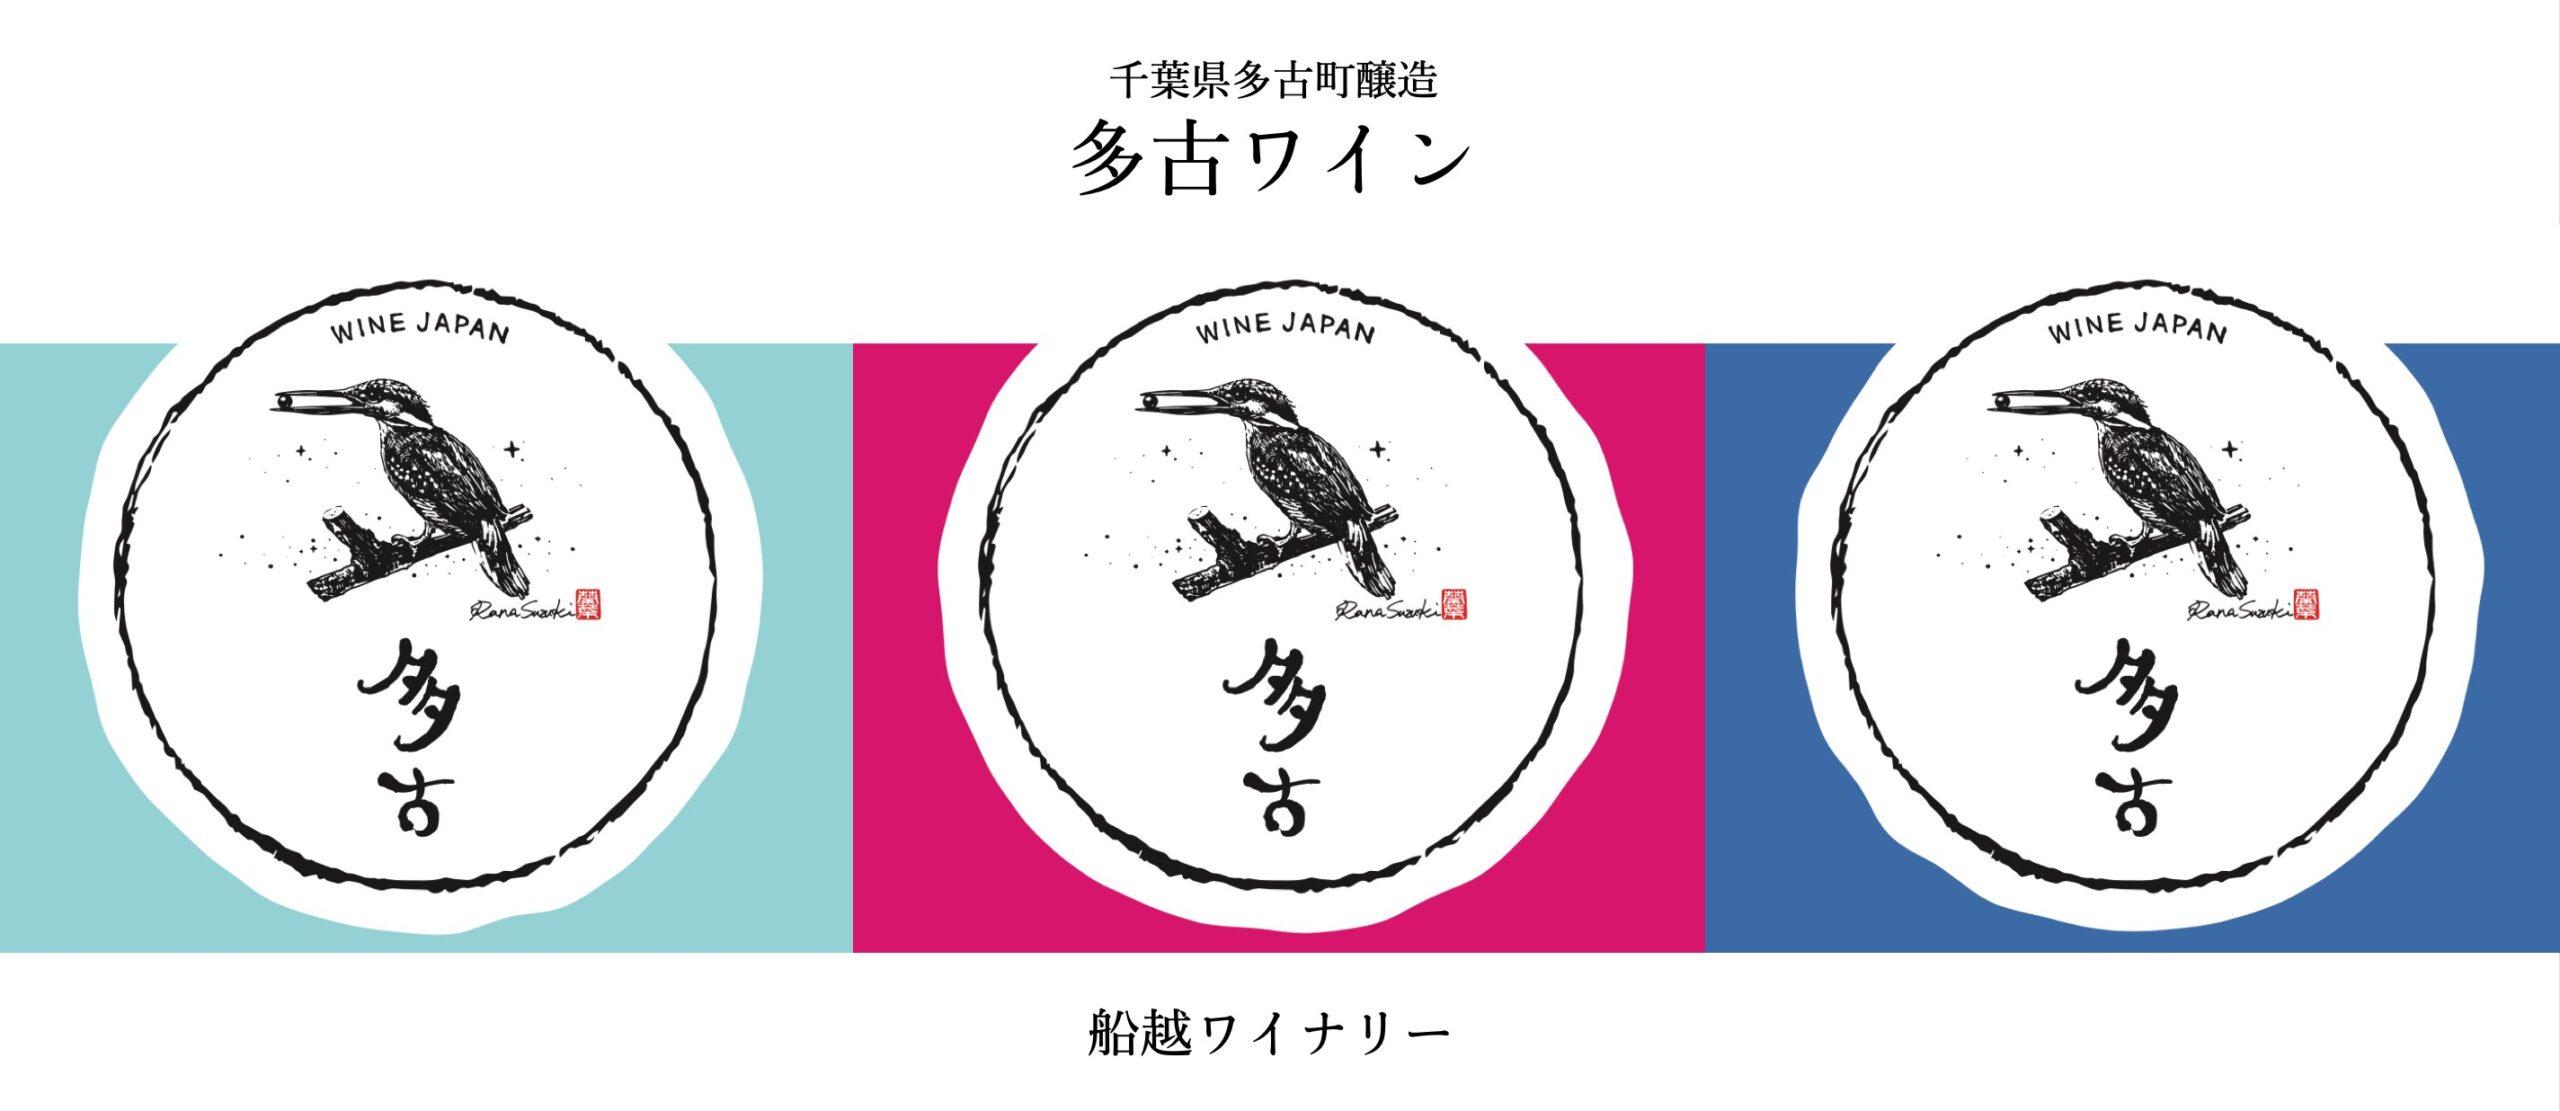 FUNAKOSHI-WINERY